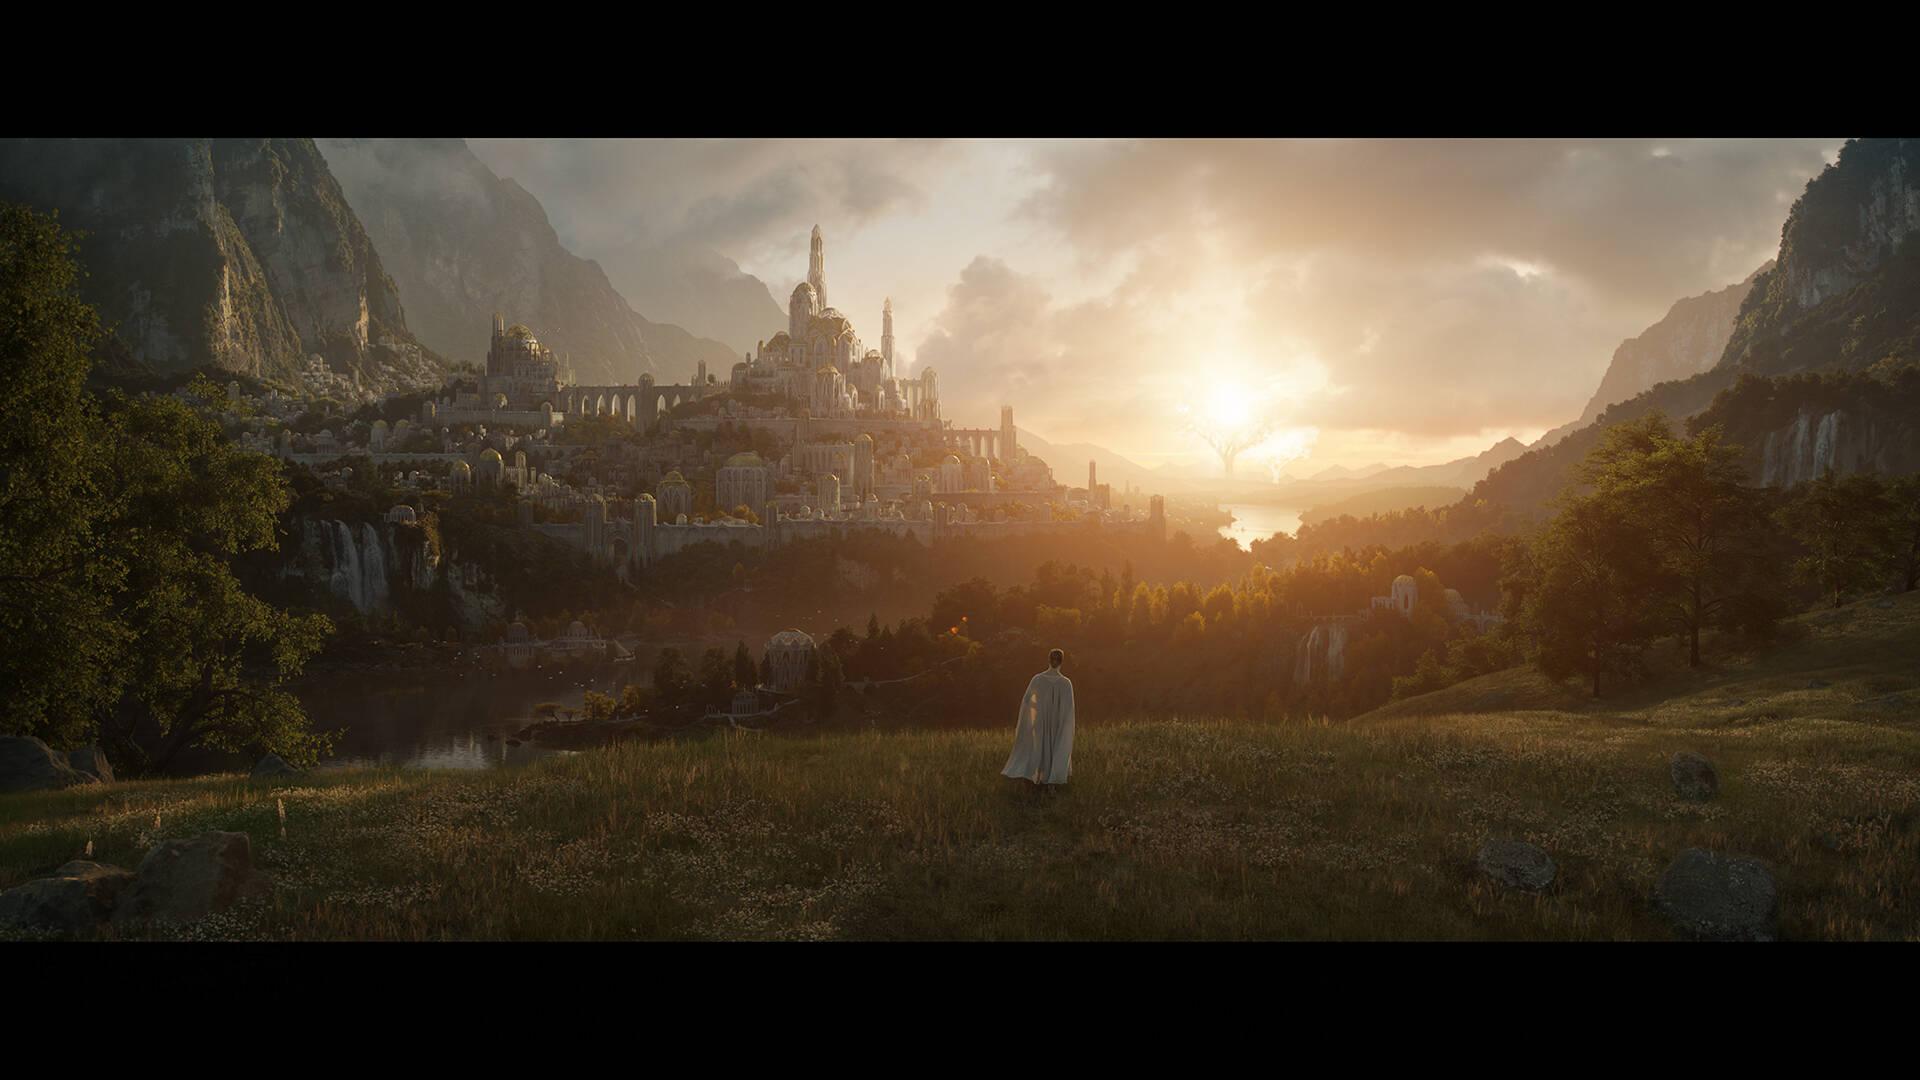 Il Signore degli Anelli: data e prima immagine della serie TV Amazon Prime Video